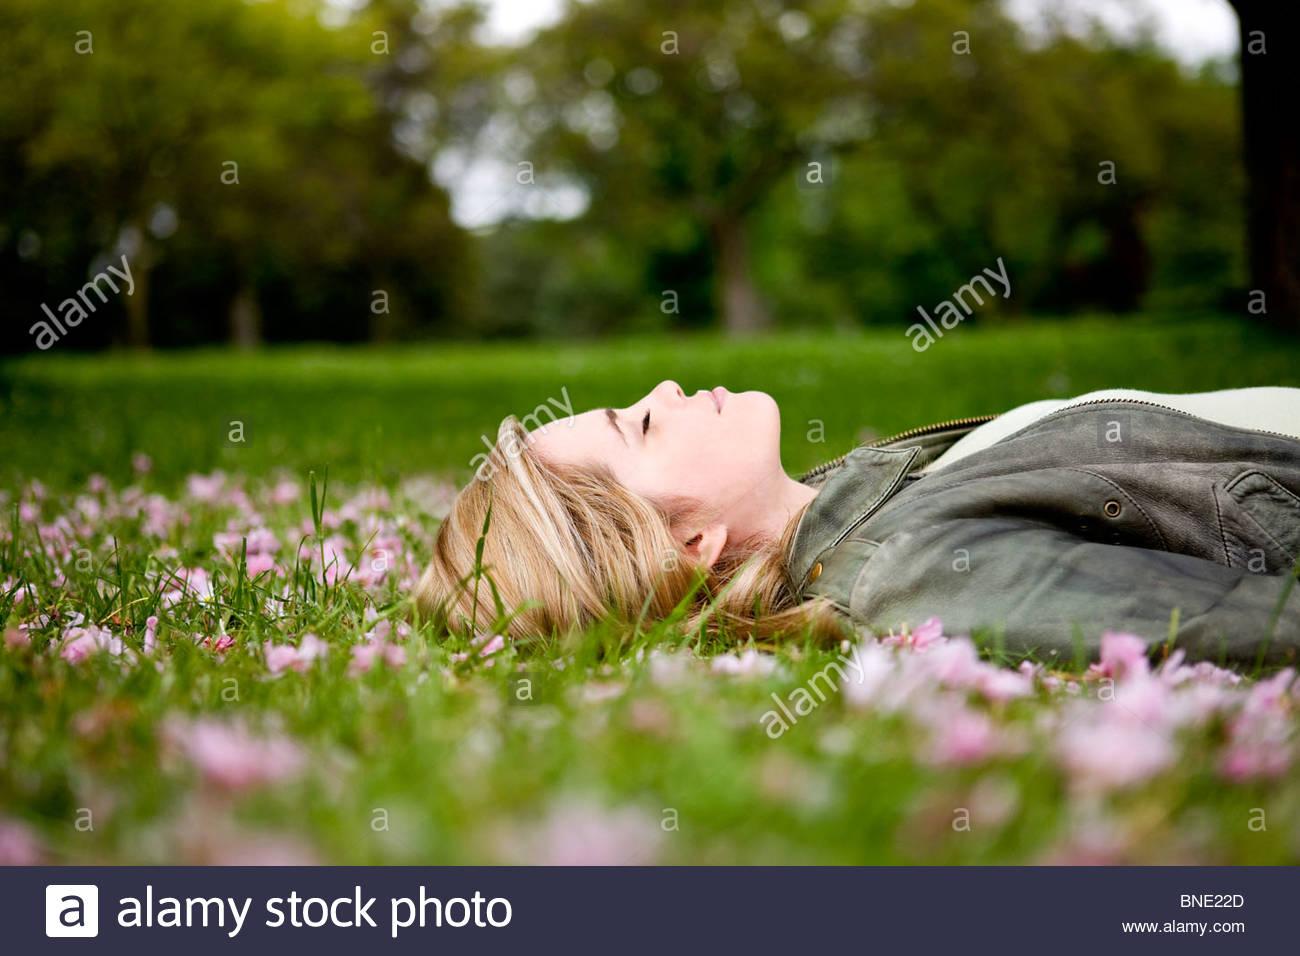 Una joven mujer recostada sobre la hierba en primavera Imagen De Stock